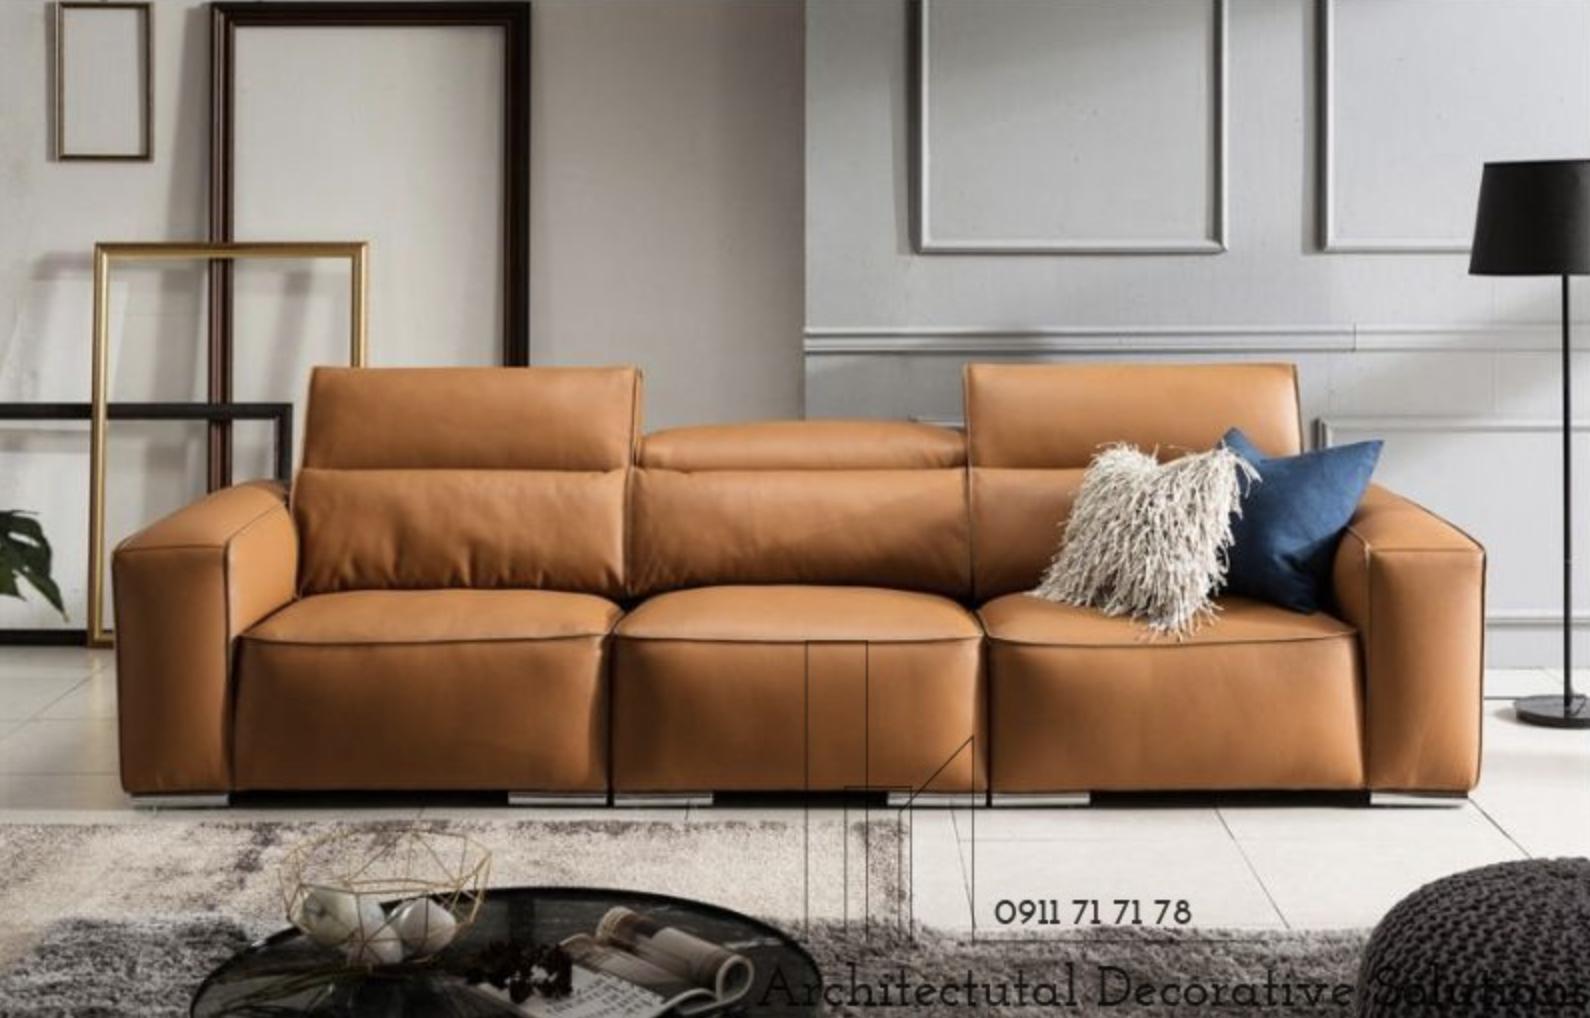 """Ngắm sofa xịn của sao Việt mà mê, ai muốn decor phòng khách sang xịn thì nên sắm 8 """"bé"""" này - Ảnh 9."""